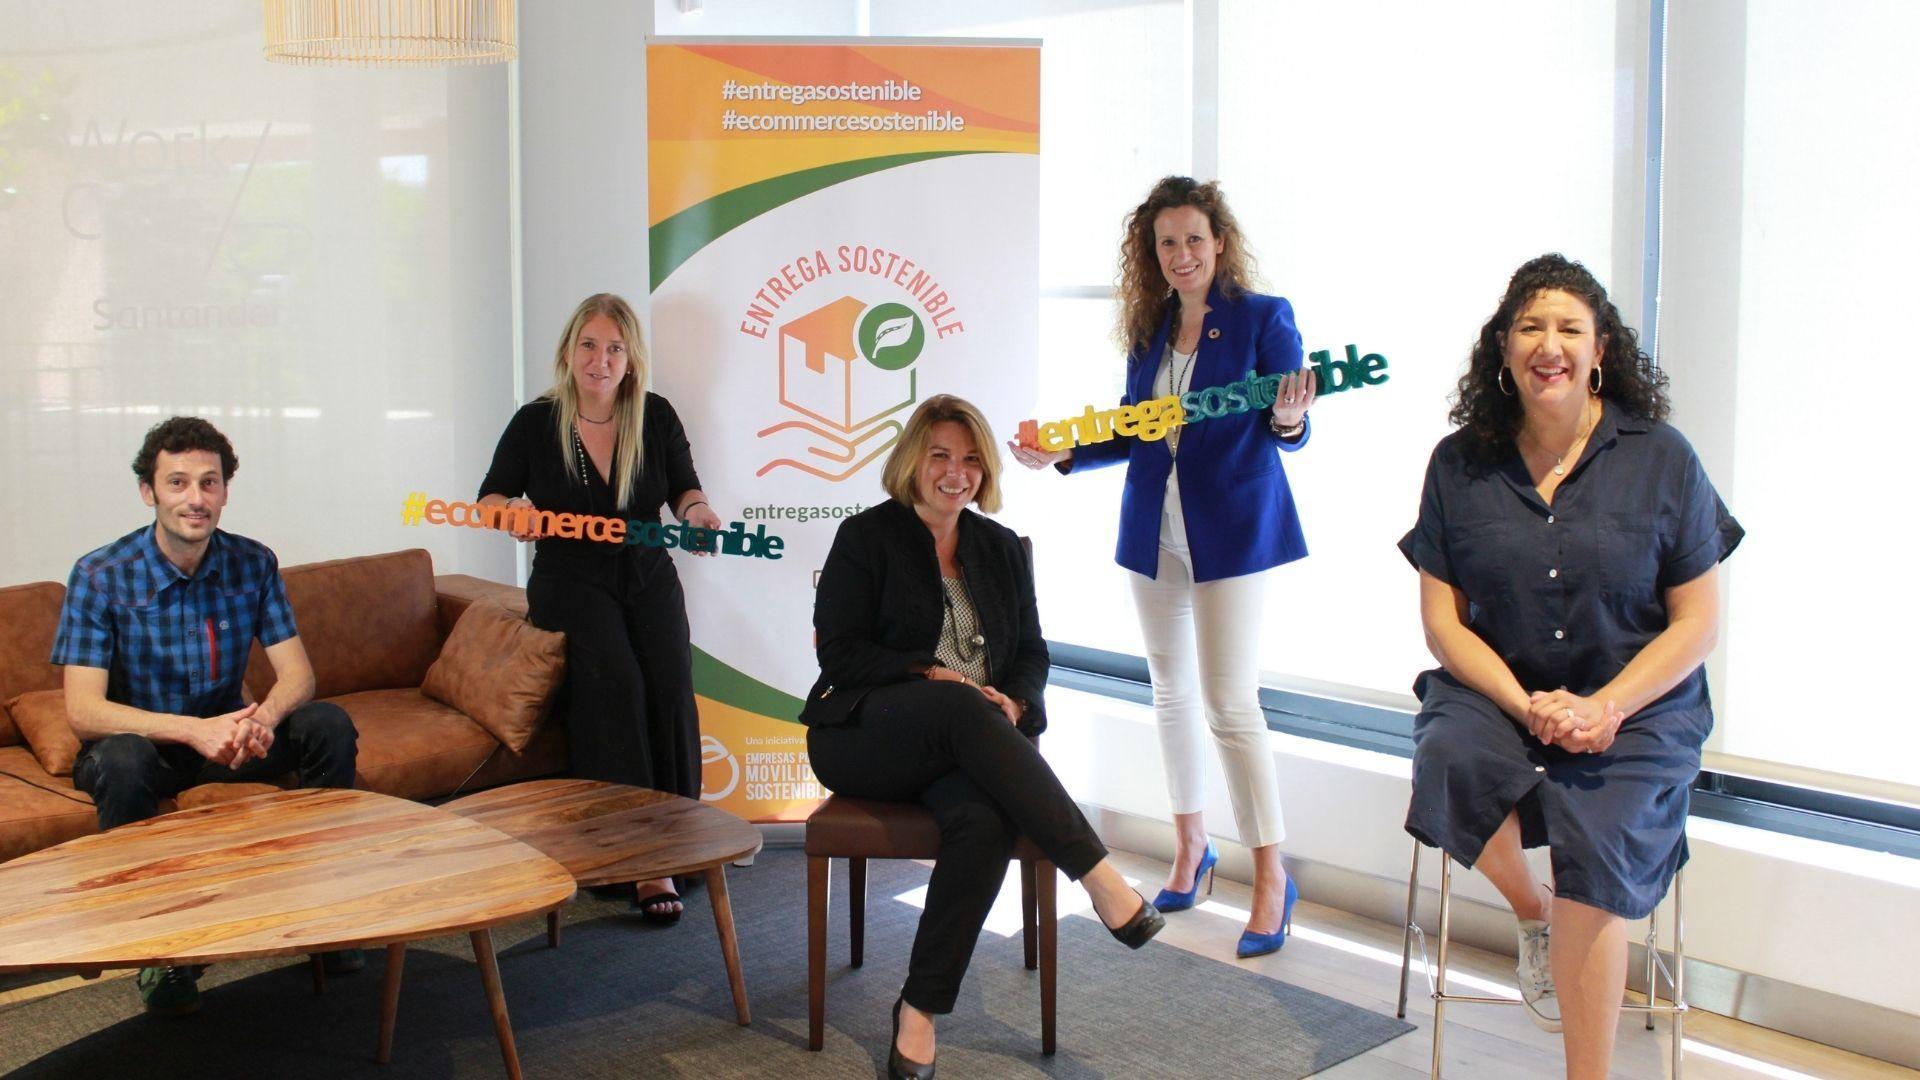 Nace el movimiento 'Entrega Sostenible' por un ecommerce responsable